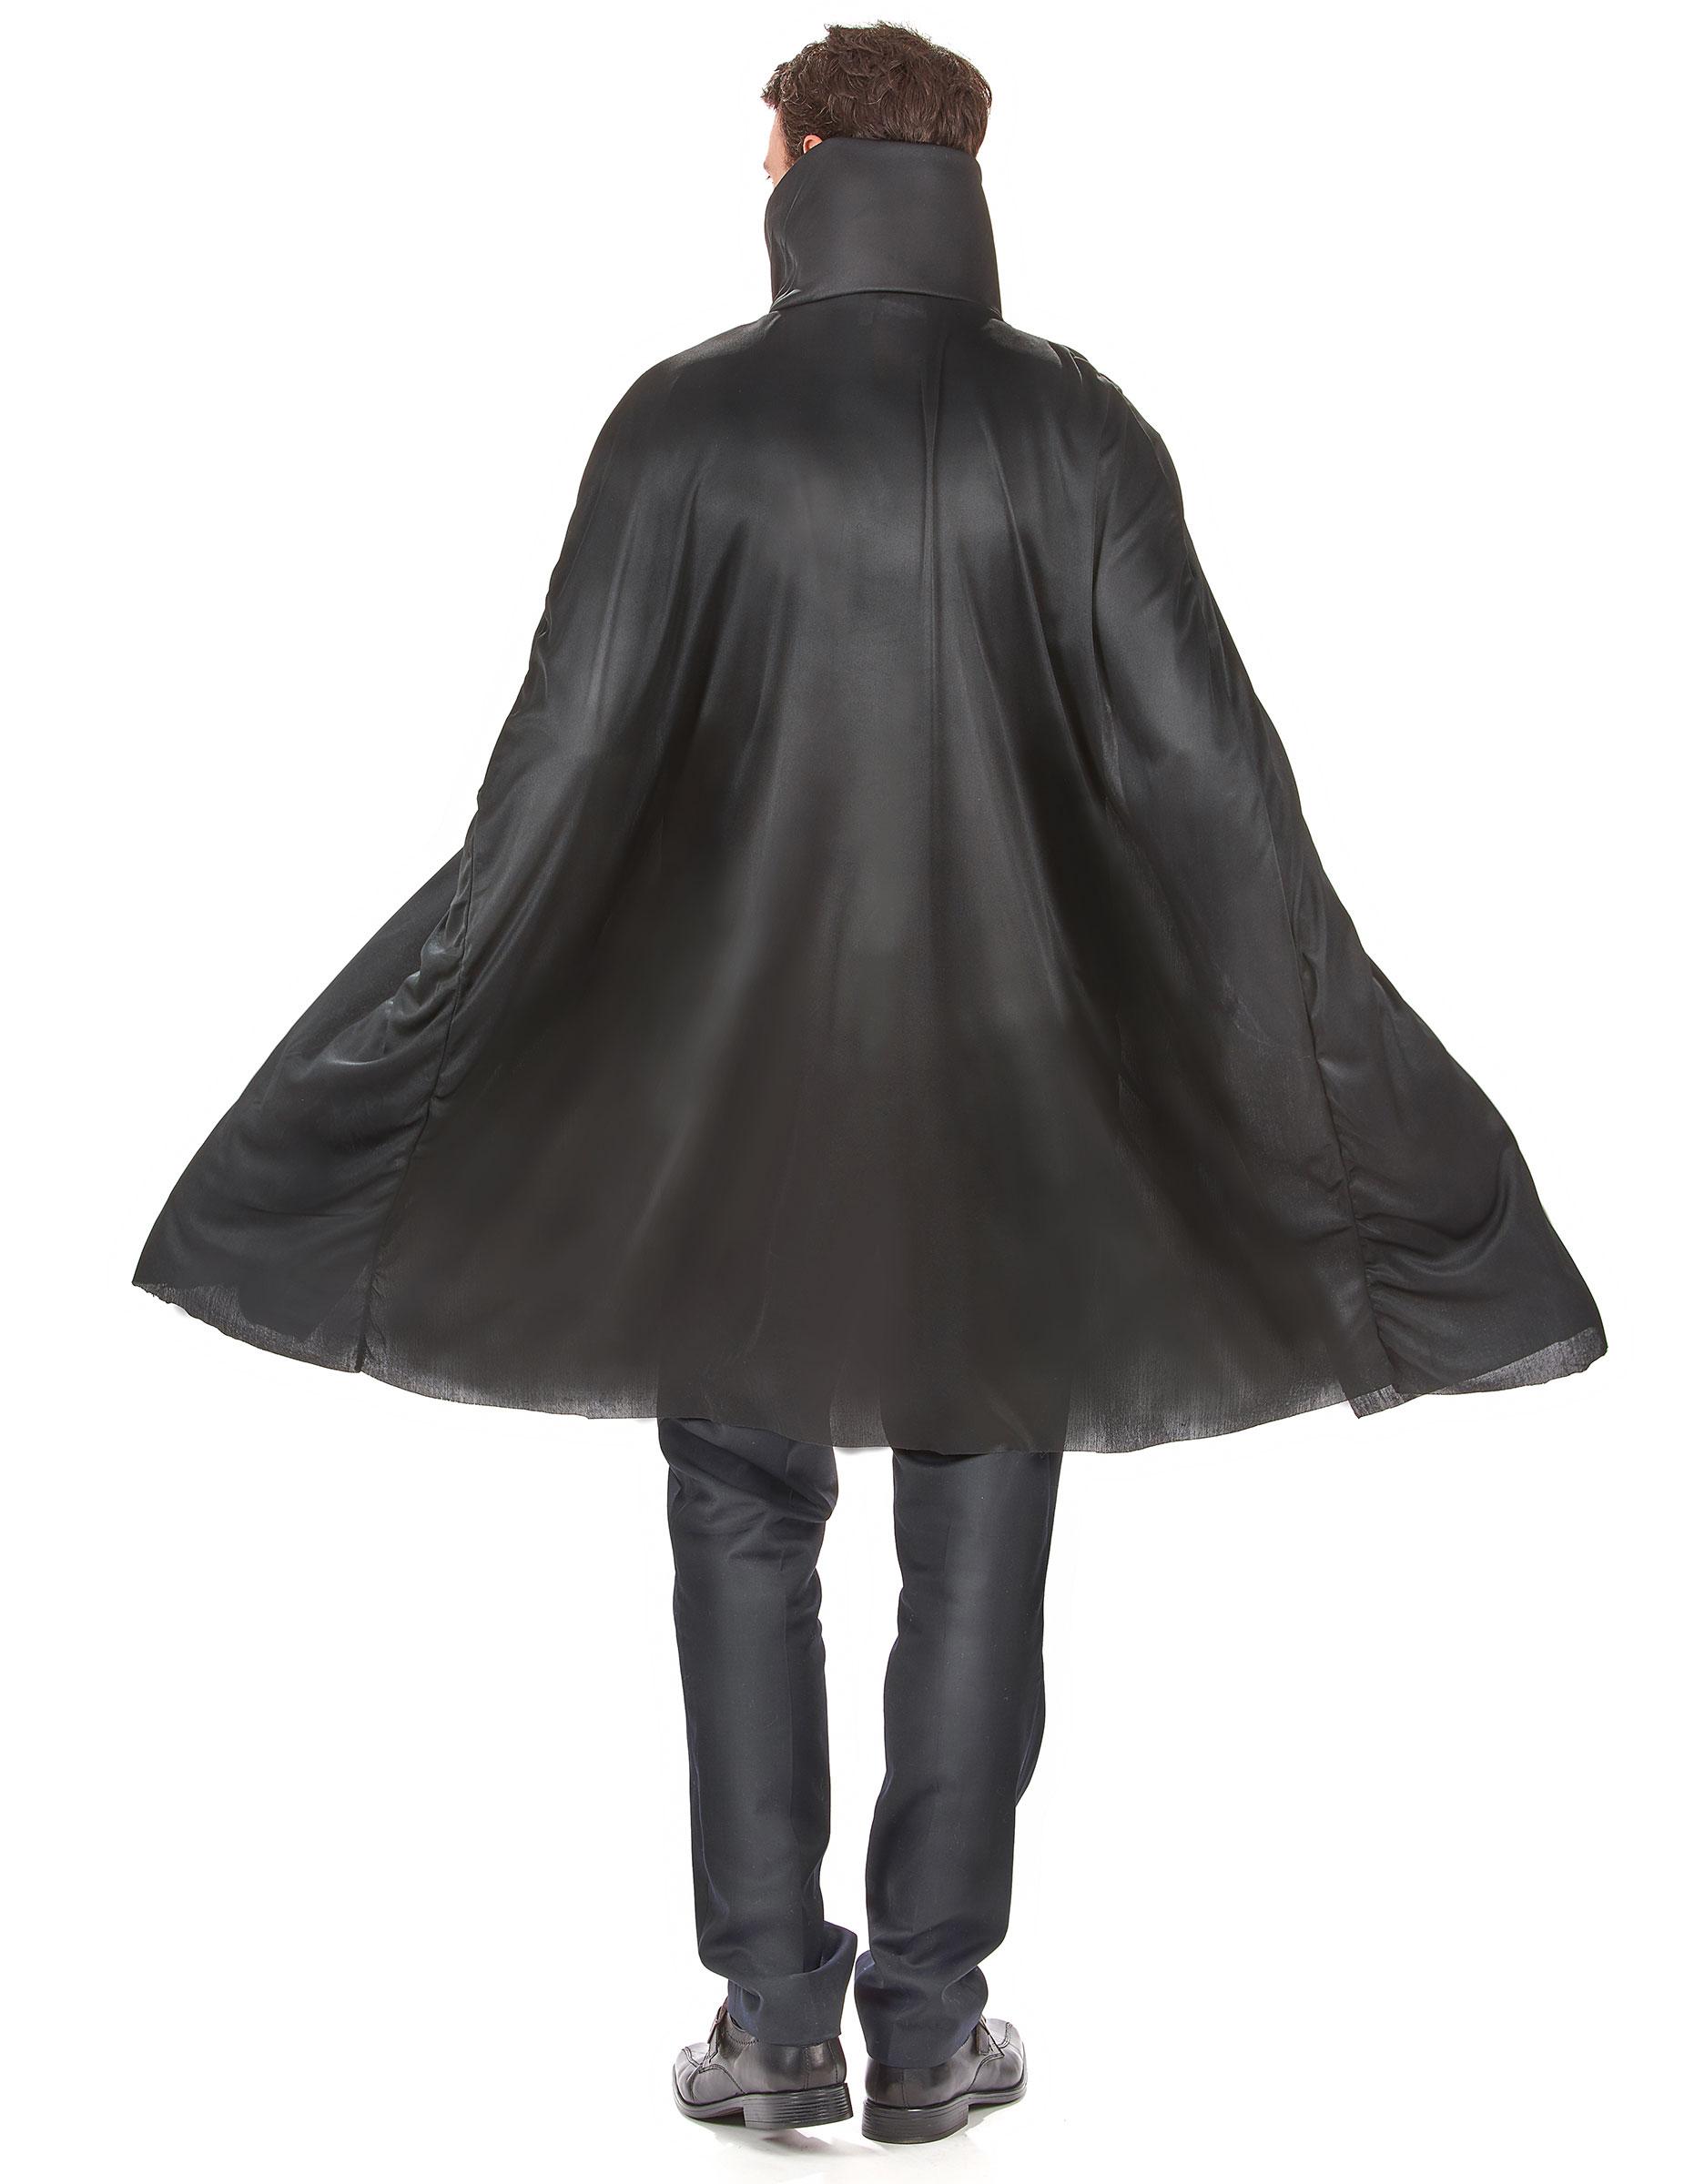 Costume vampiro motivi barocchi per uomo su VegaooParty d6523b3ecdcf